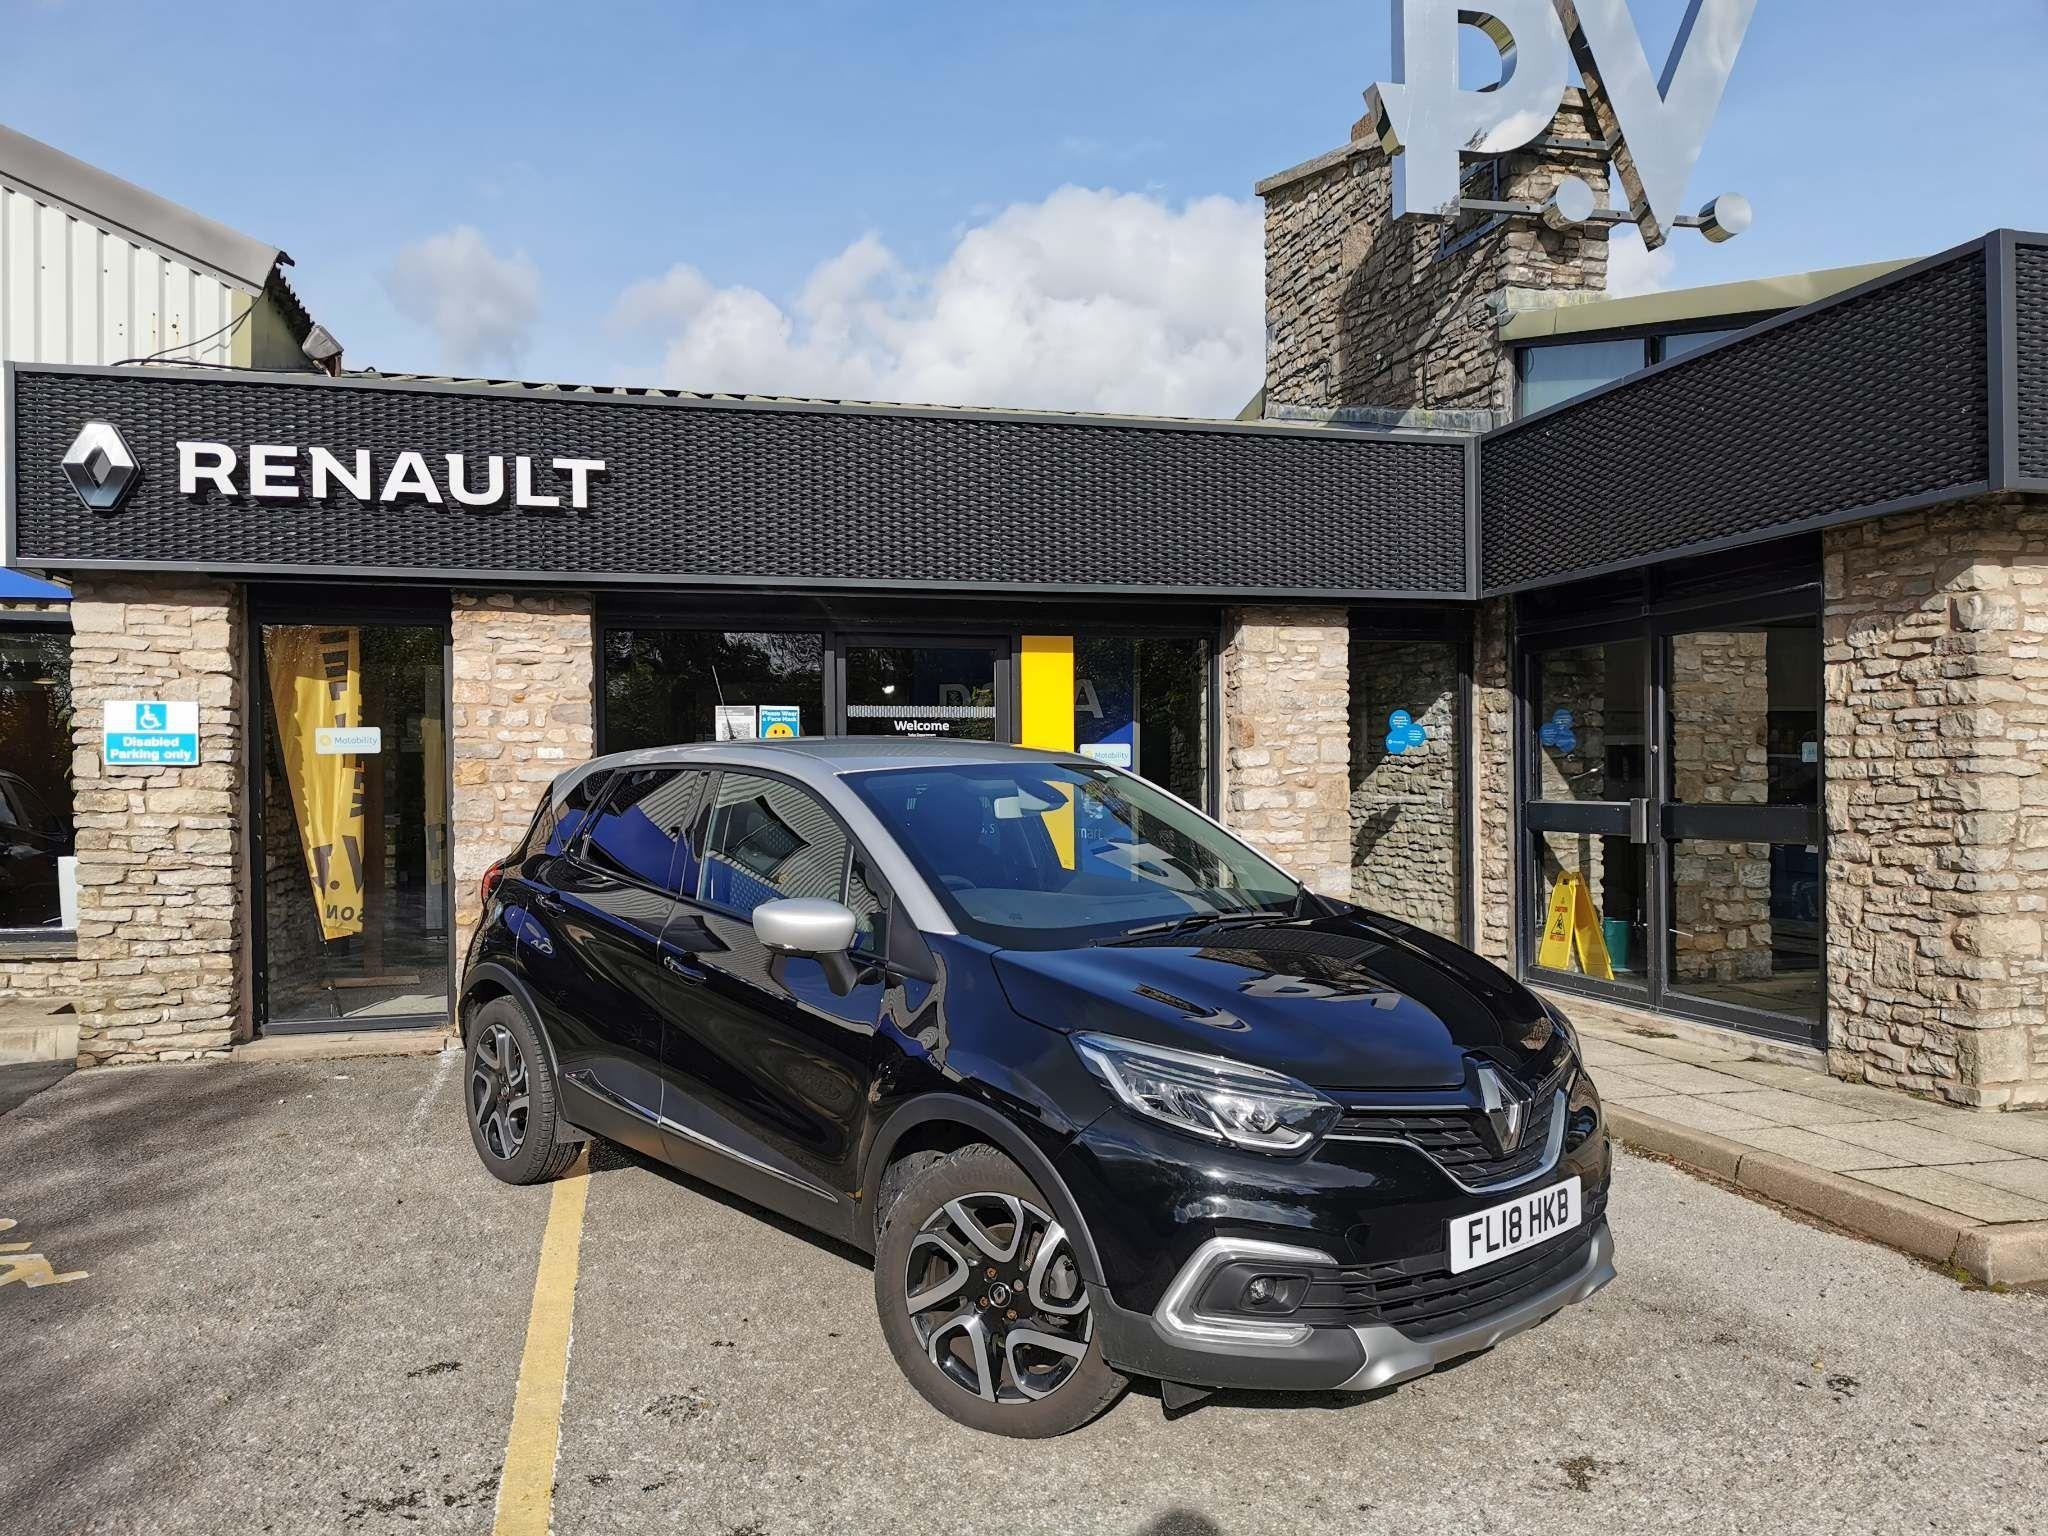 Renault Captur 1.2 TCe Dynamique S Nav EDC (s/s) 5dr